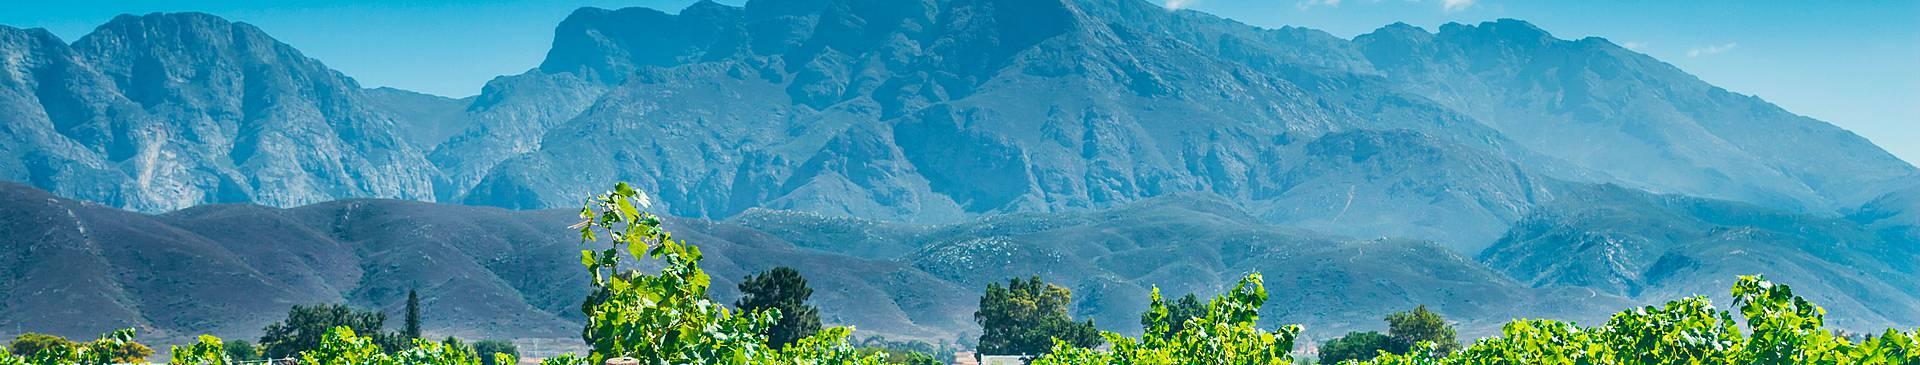 Viaggi enogastronomici in Sudafrica